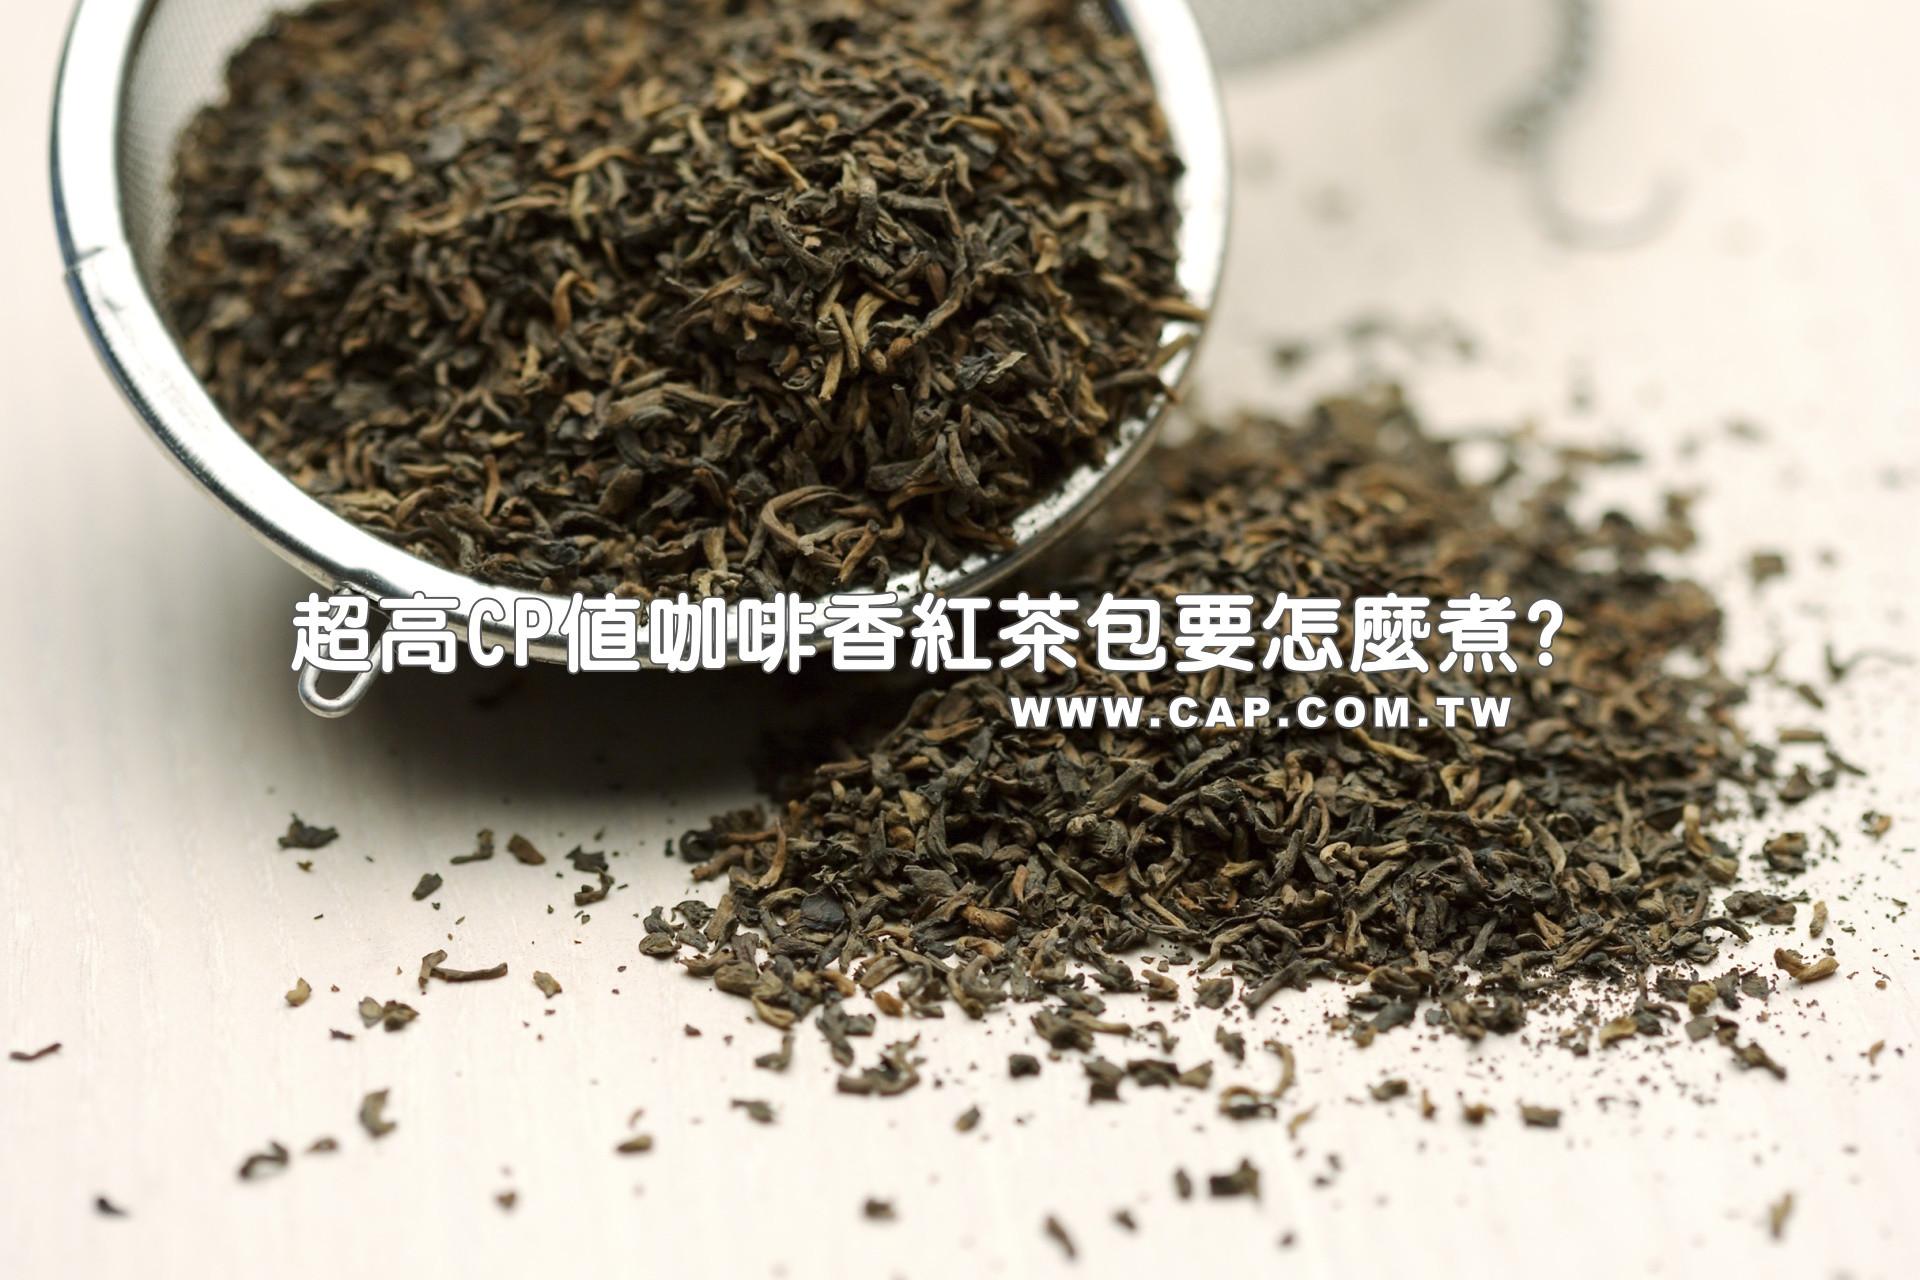 全聯默默賣到翻掉的超高CP值咖啡香紅茶包 要怎麼煮?(內有圖文說明)